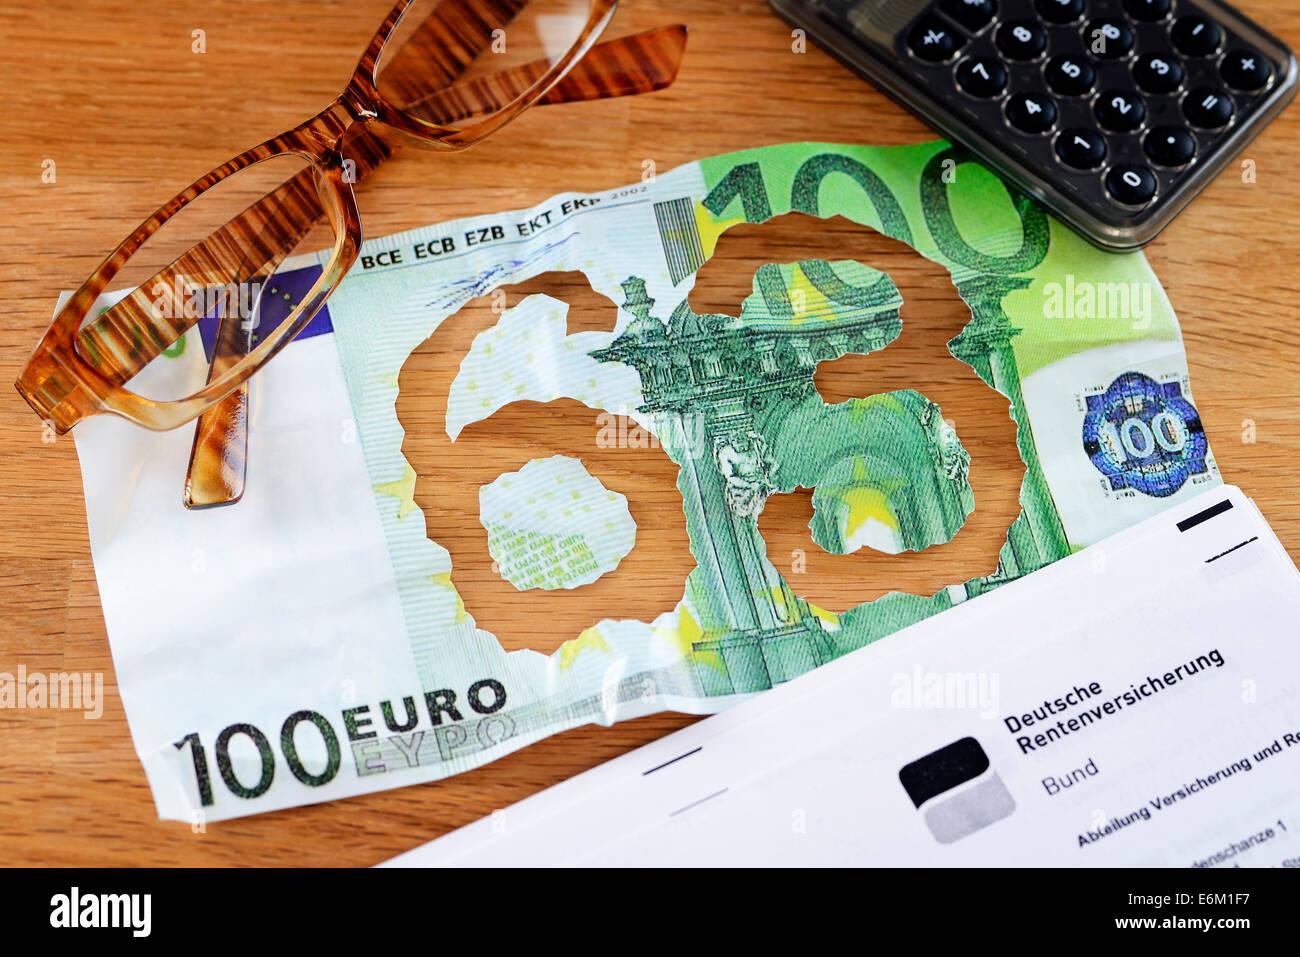 Hundert-Euro-Schein mit herausgerissener Zahl 63, Rente mit 63 - Stock Image